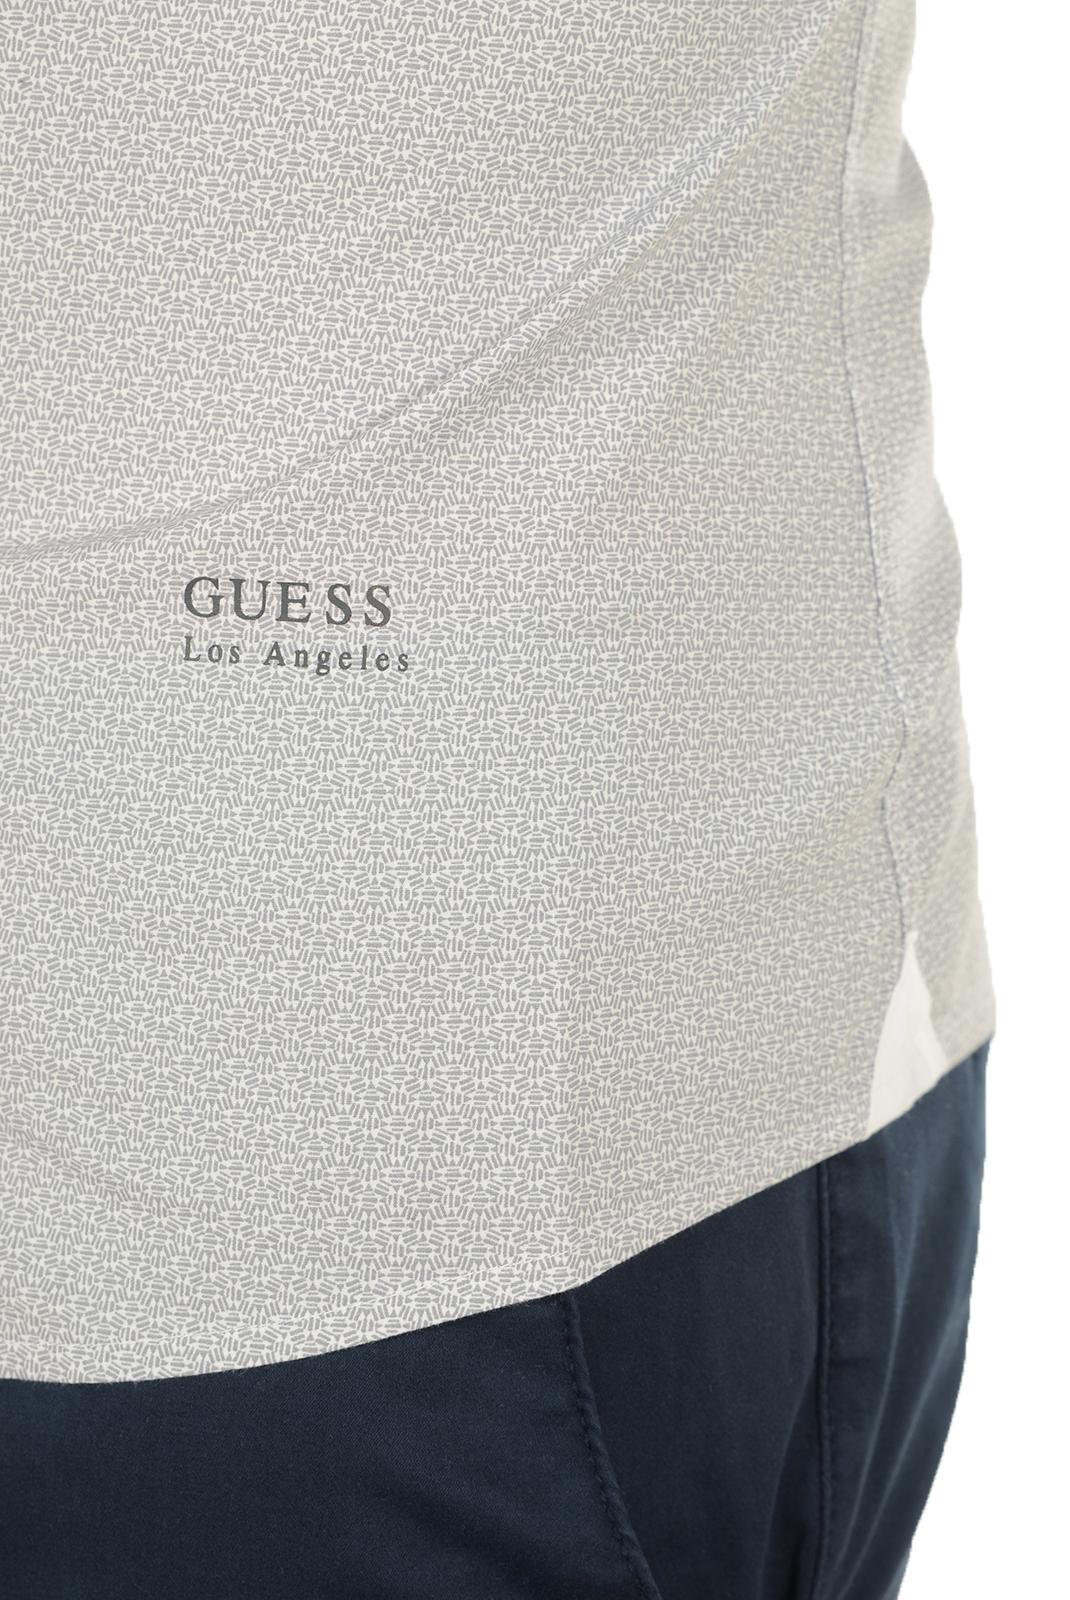 Chemises   Guess jeans M64H15 W7VX0 PF82